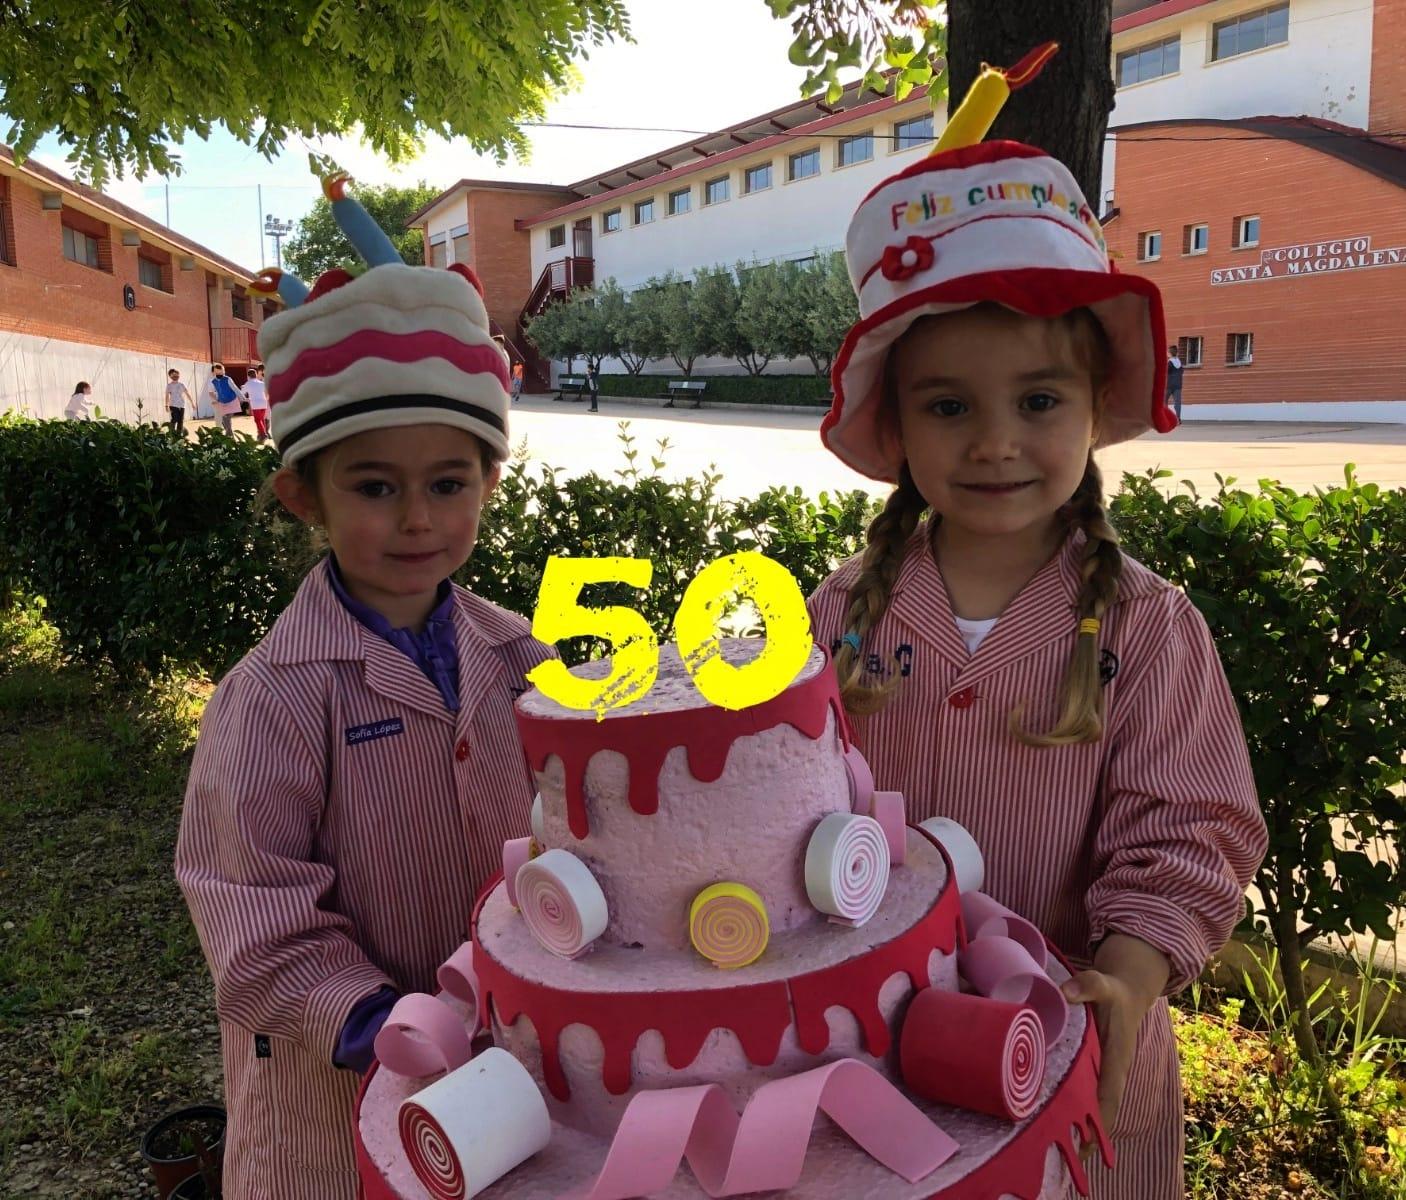 Semana de celebración del 50 aniversario